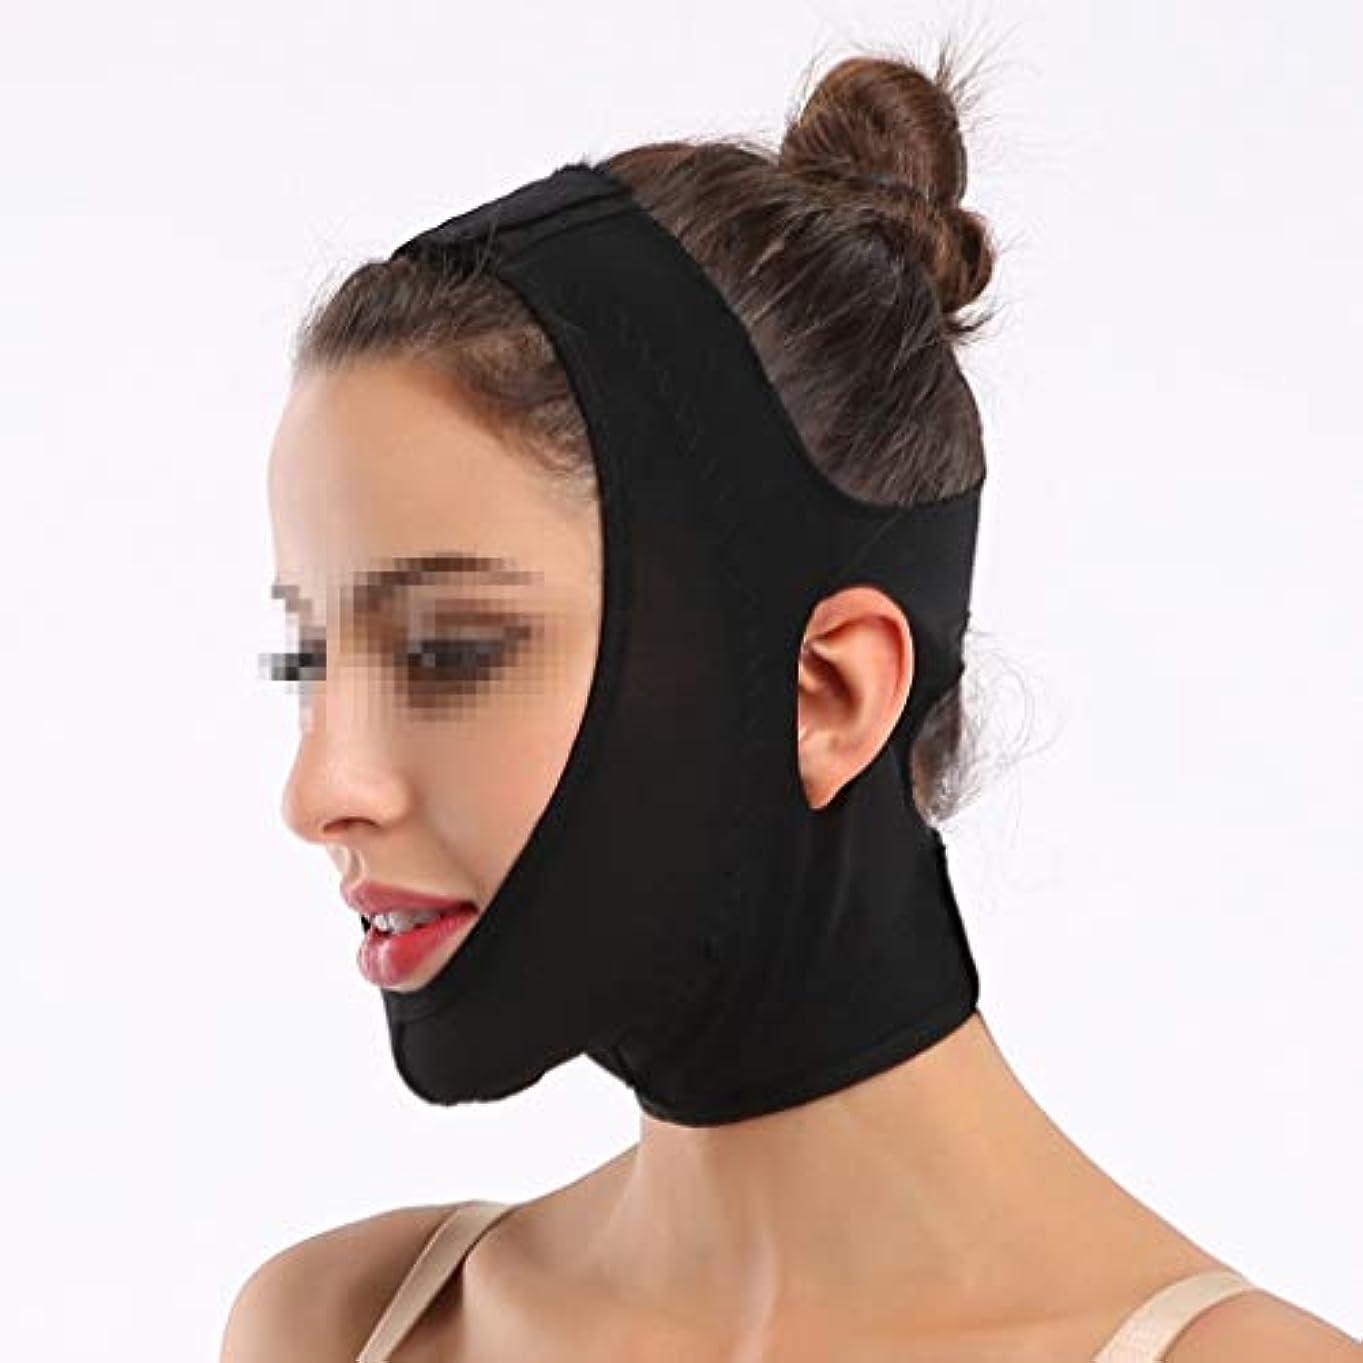 リレー活気づく一族XHLMRMJ Vフェイスマスク、包帯マスクを持ち上げて引き締めるスキニービューティーサロン1日2時間Vフェイスマッサージ術後回復